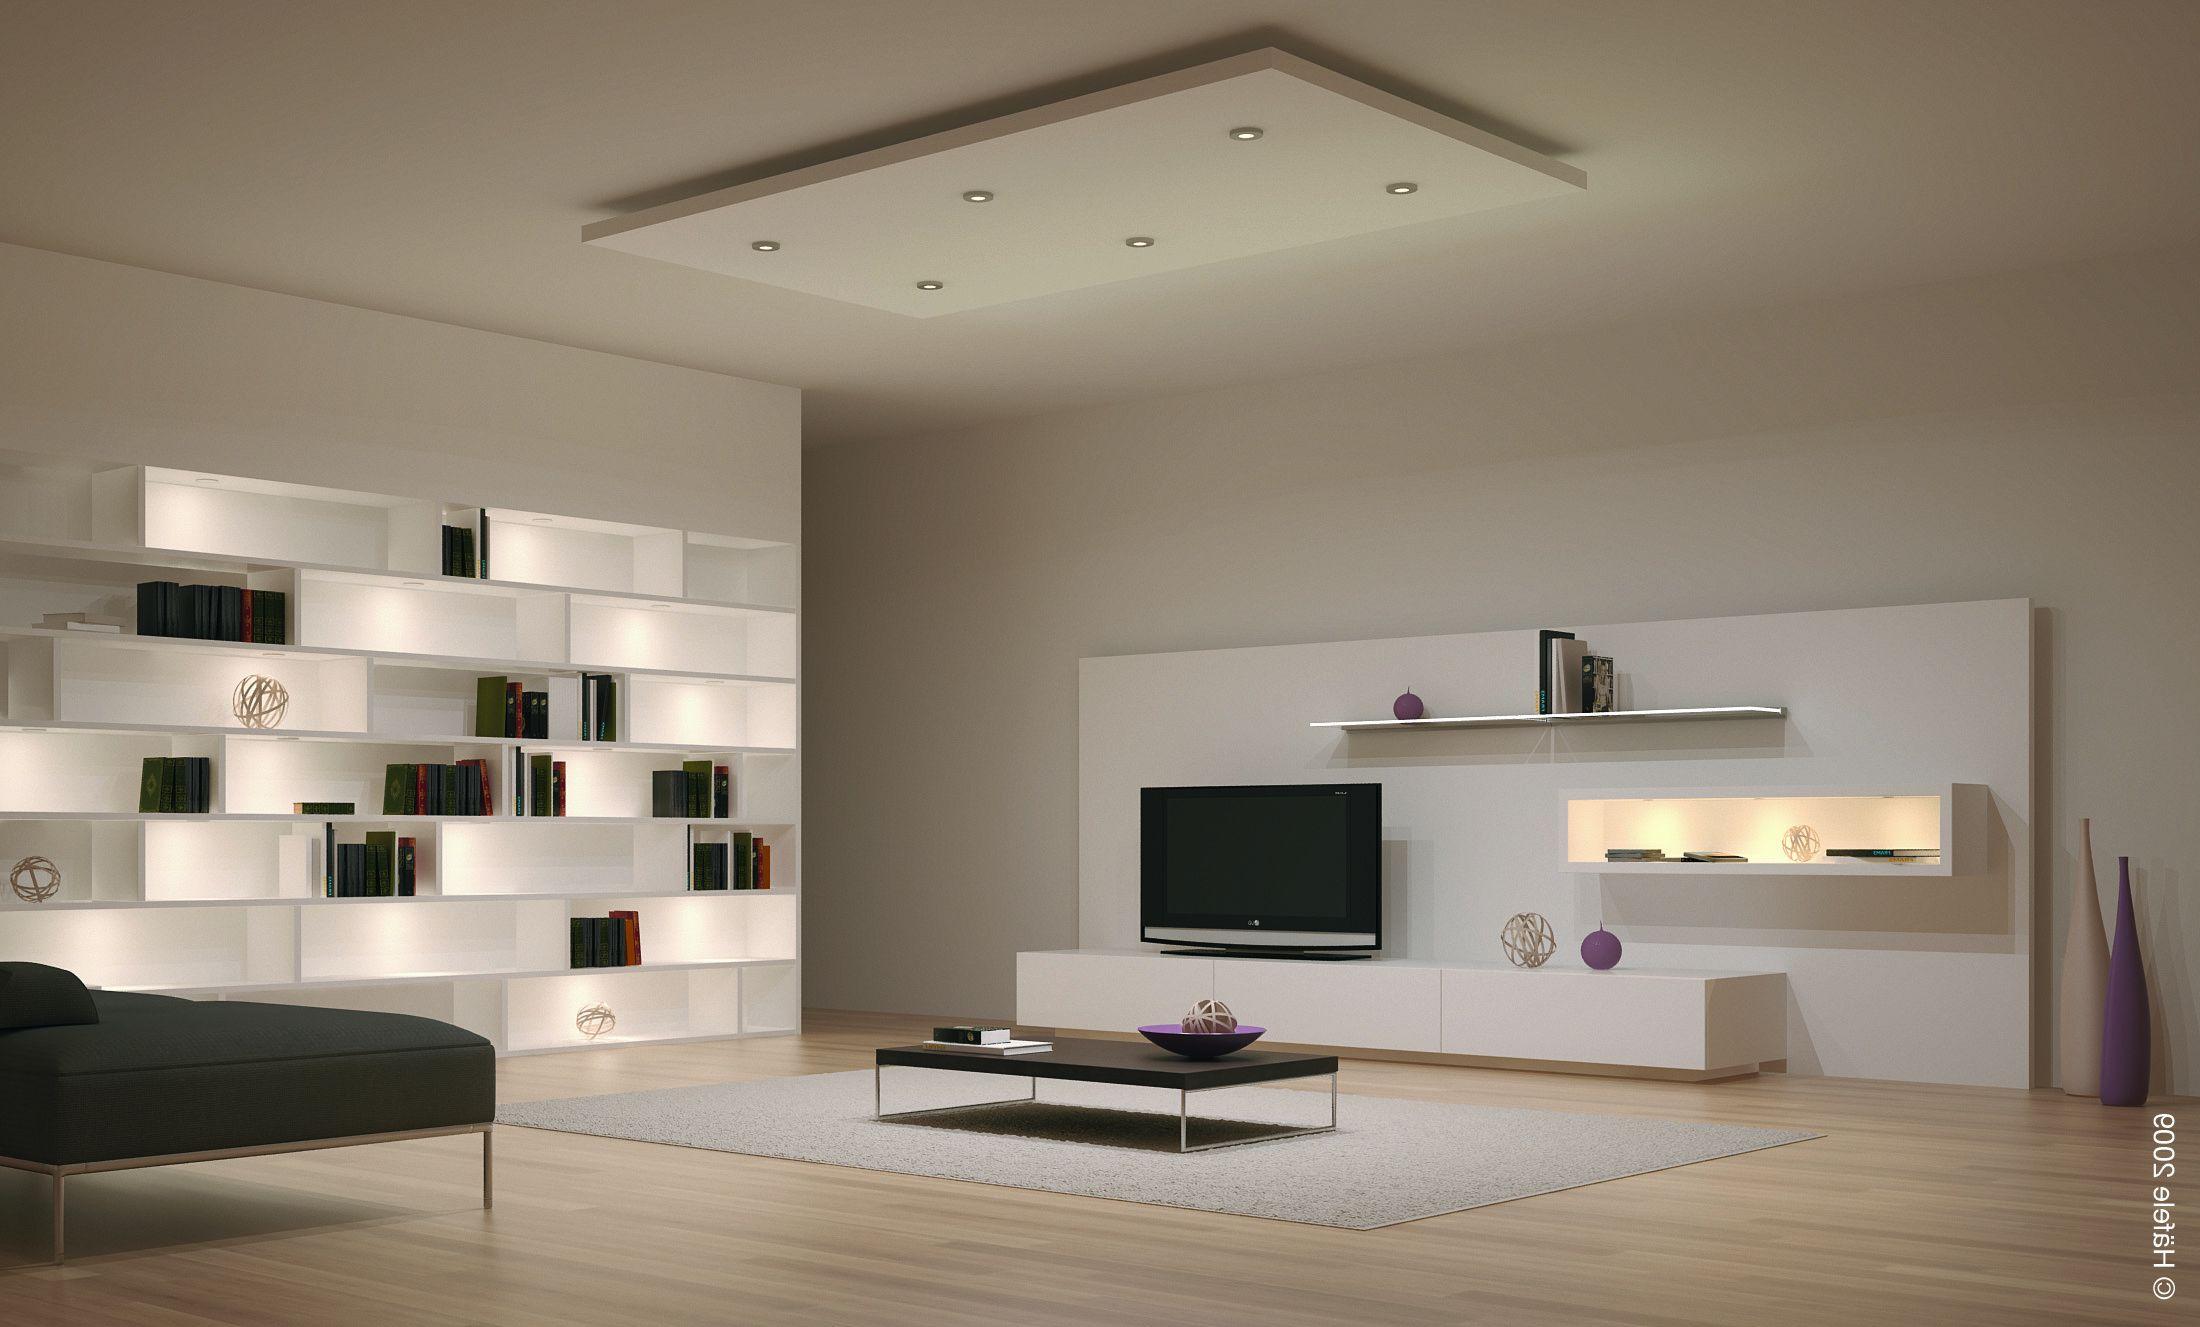 View In Gallery Dekorasi Ruang Tamu Rumah Minimalis Moden Mewah Dengan Lampu Hiasan Menarik